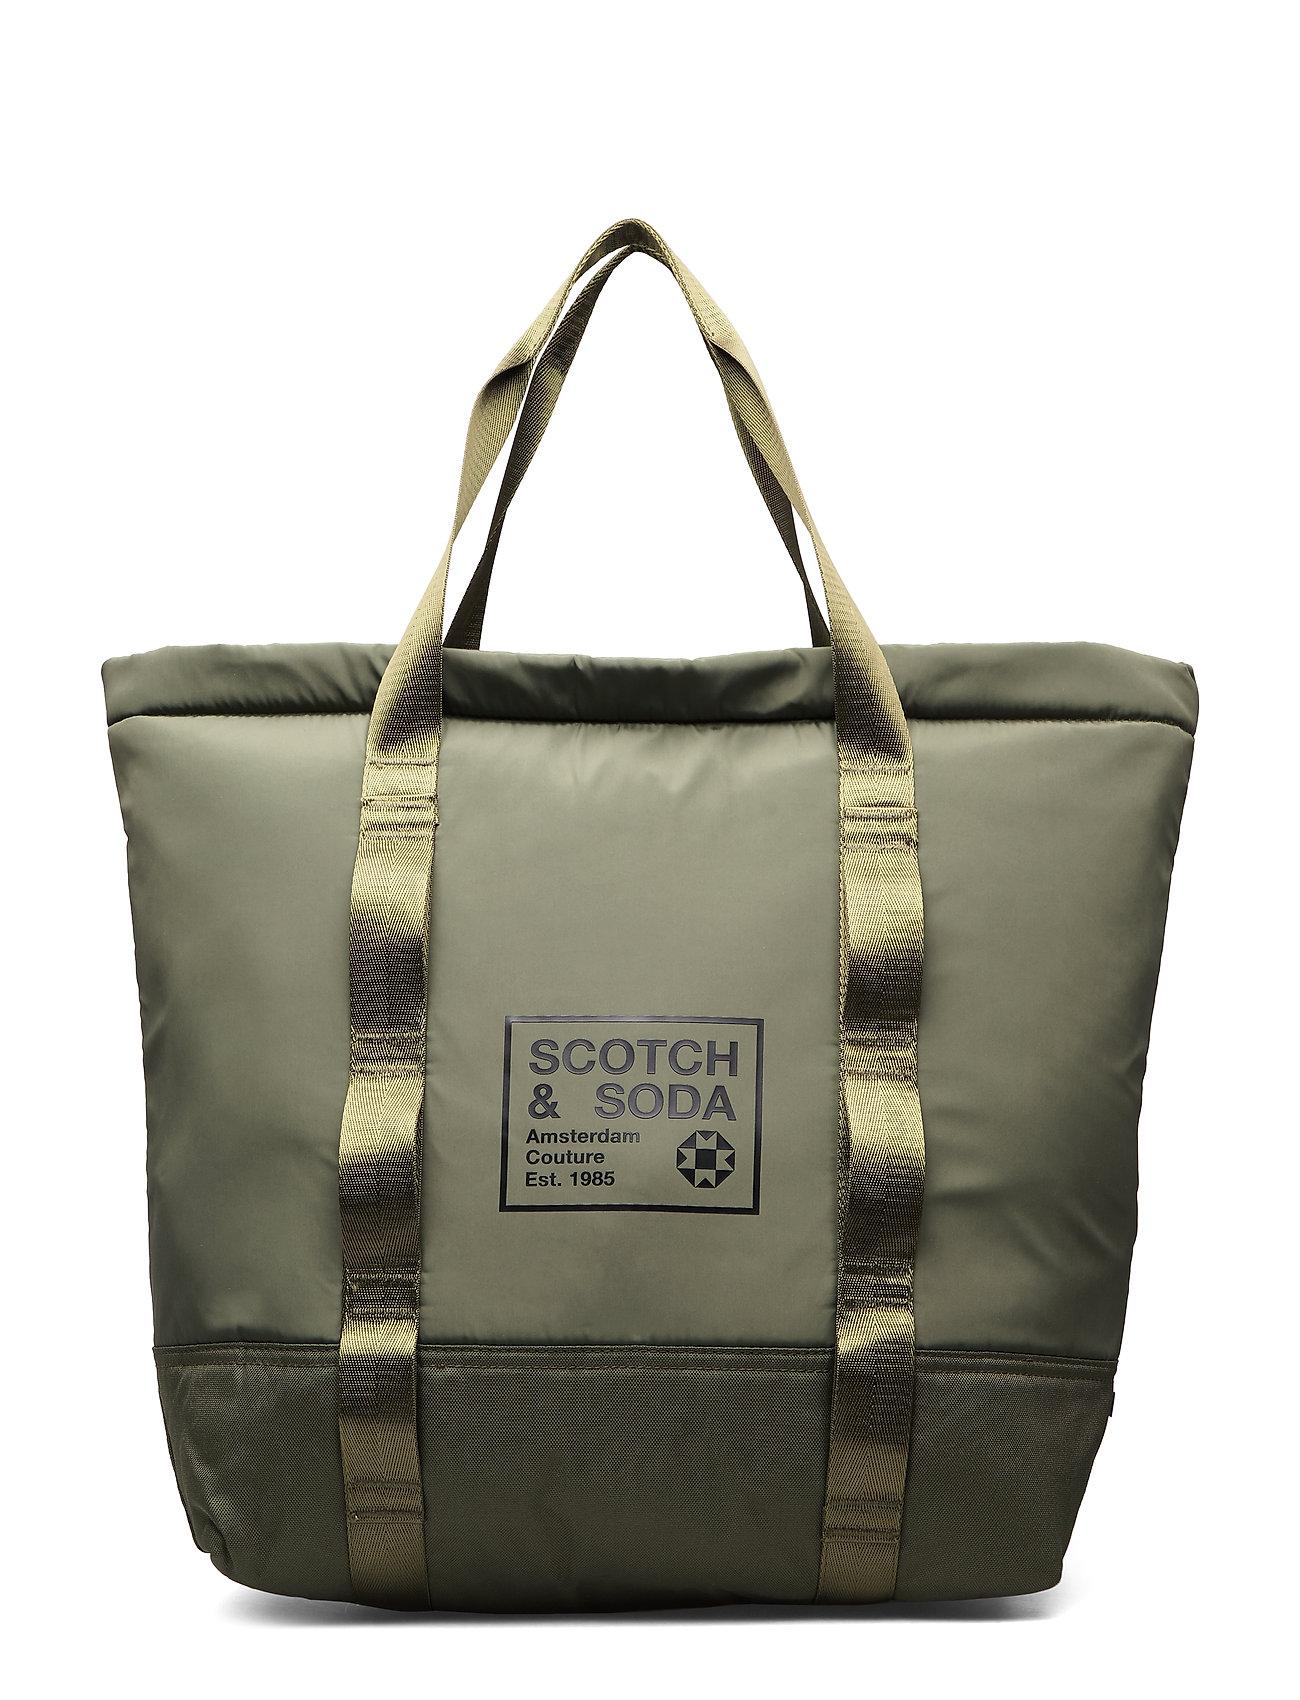 Scotch & Soda Padded shopper with logo print - ARMY